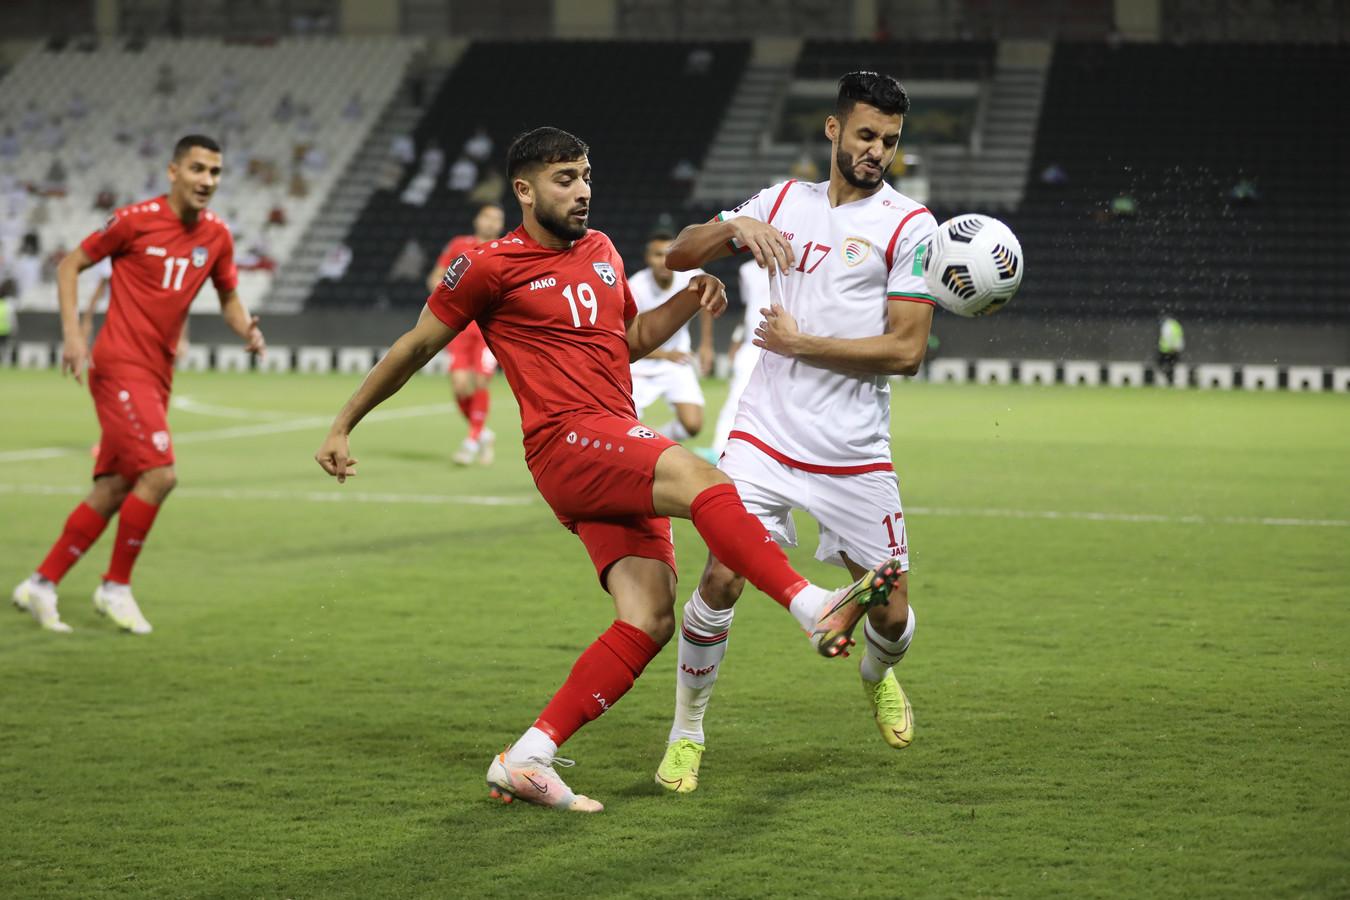 Omid Popalzay (links) tijdens de wedstrijd tegen Oman, waarin hij scoorde met een fraaie volley.